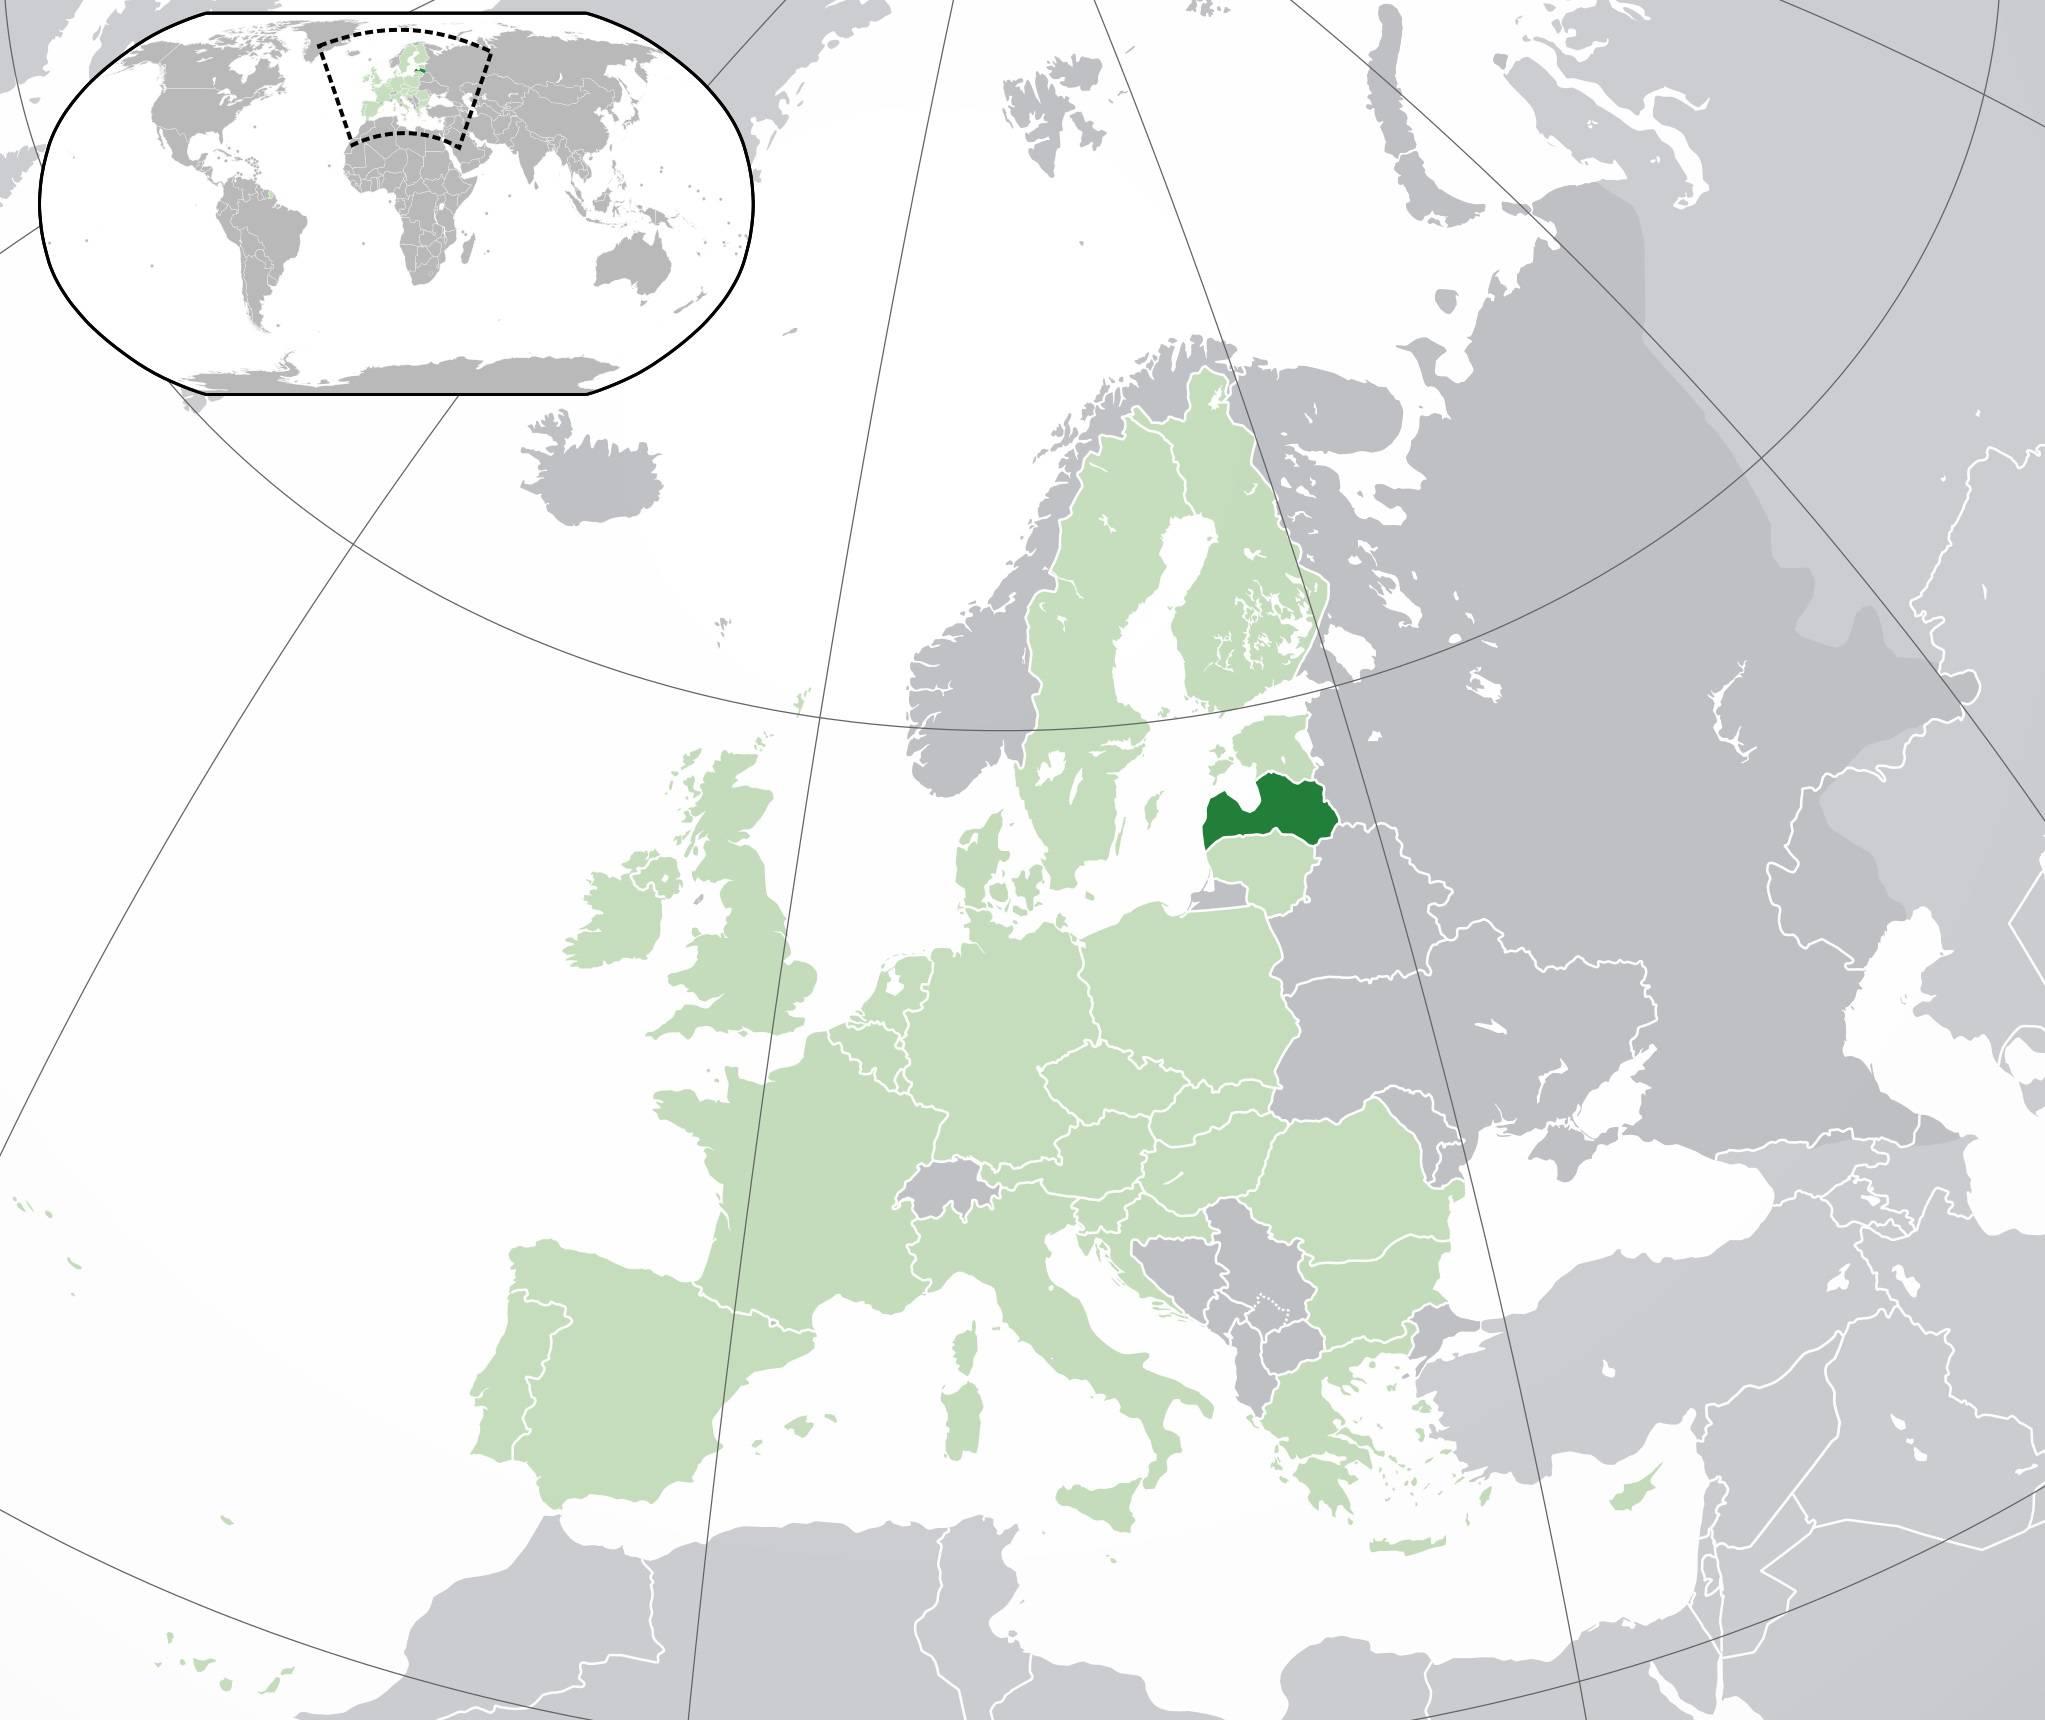 Lettonie sur une carte de l'Europe